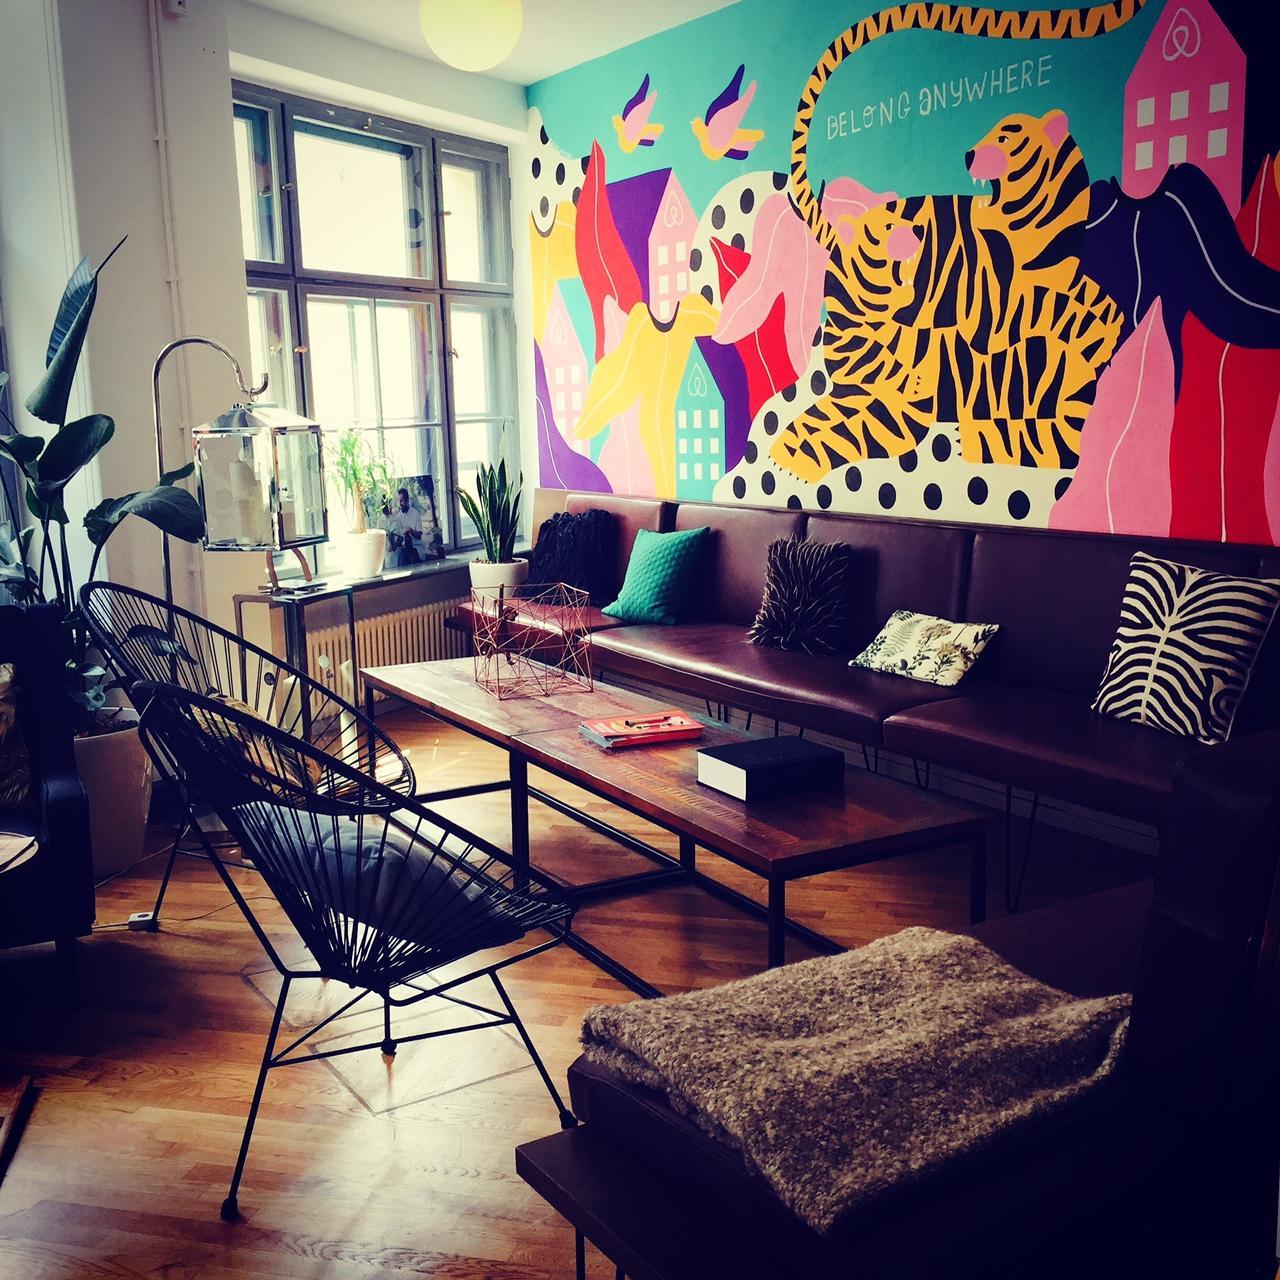 So Kann Man Auch Arbeiten   Zu Besuch Bei Airbnb Im Neuen Berliner Office  #airbnb